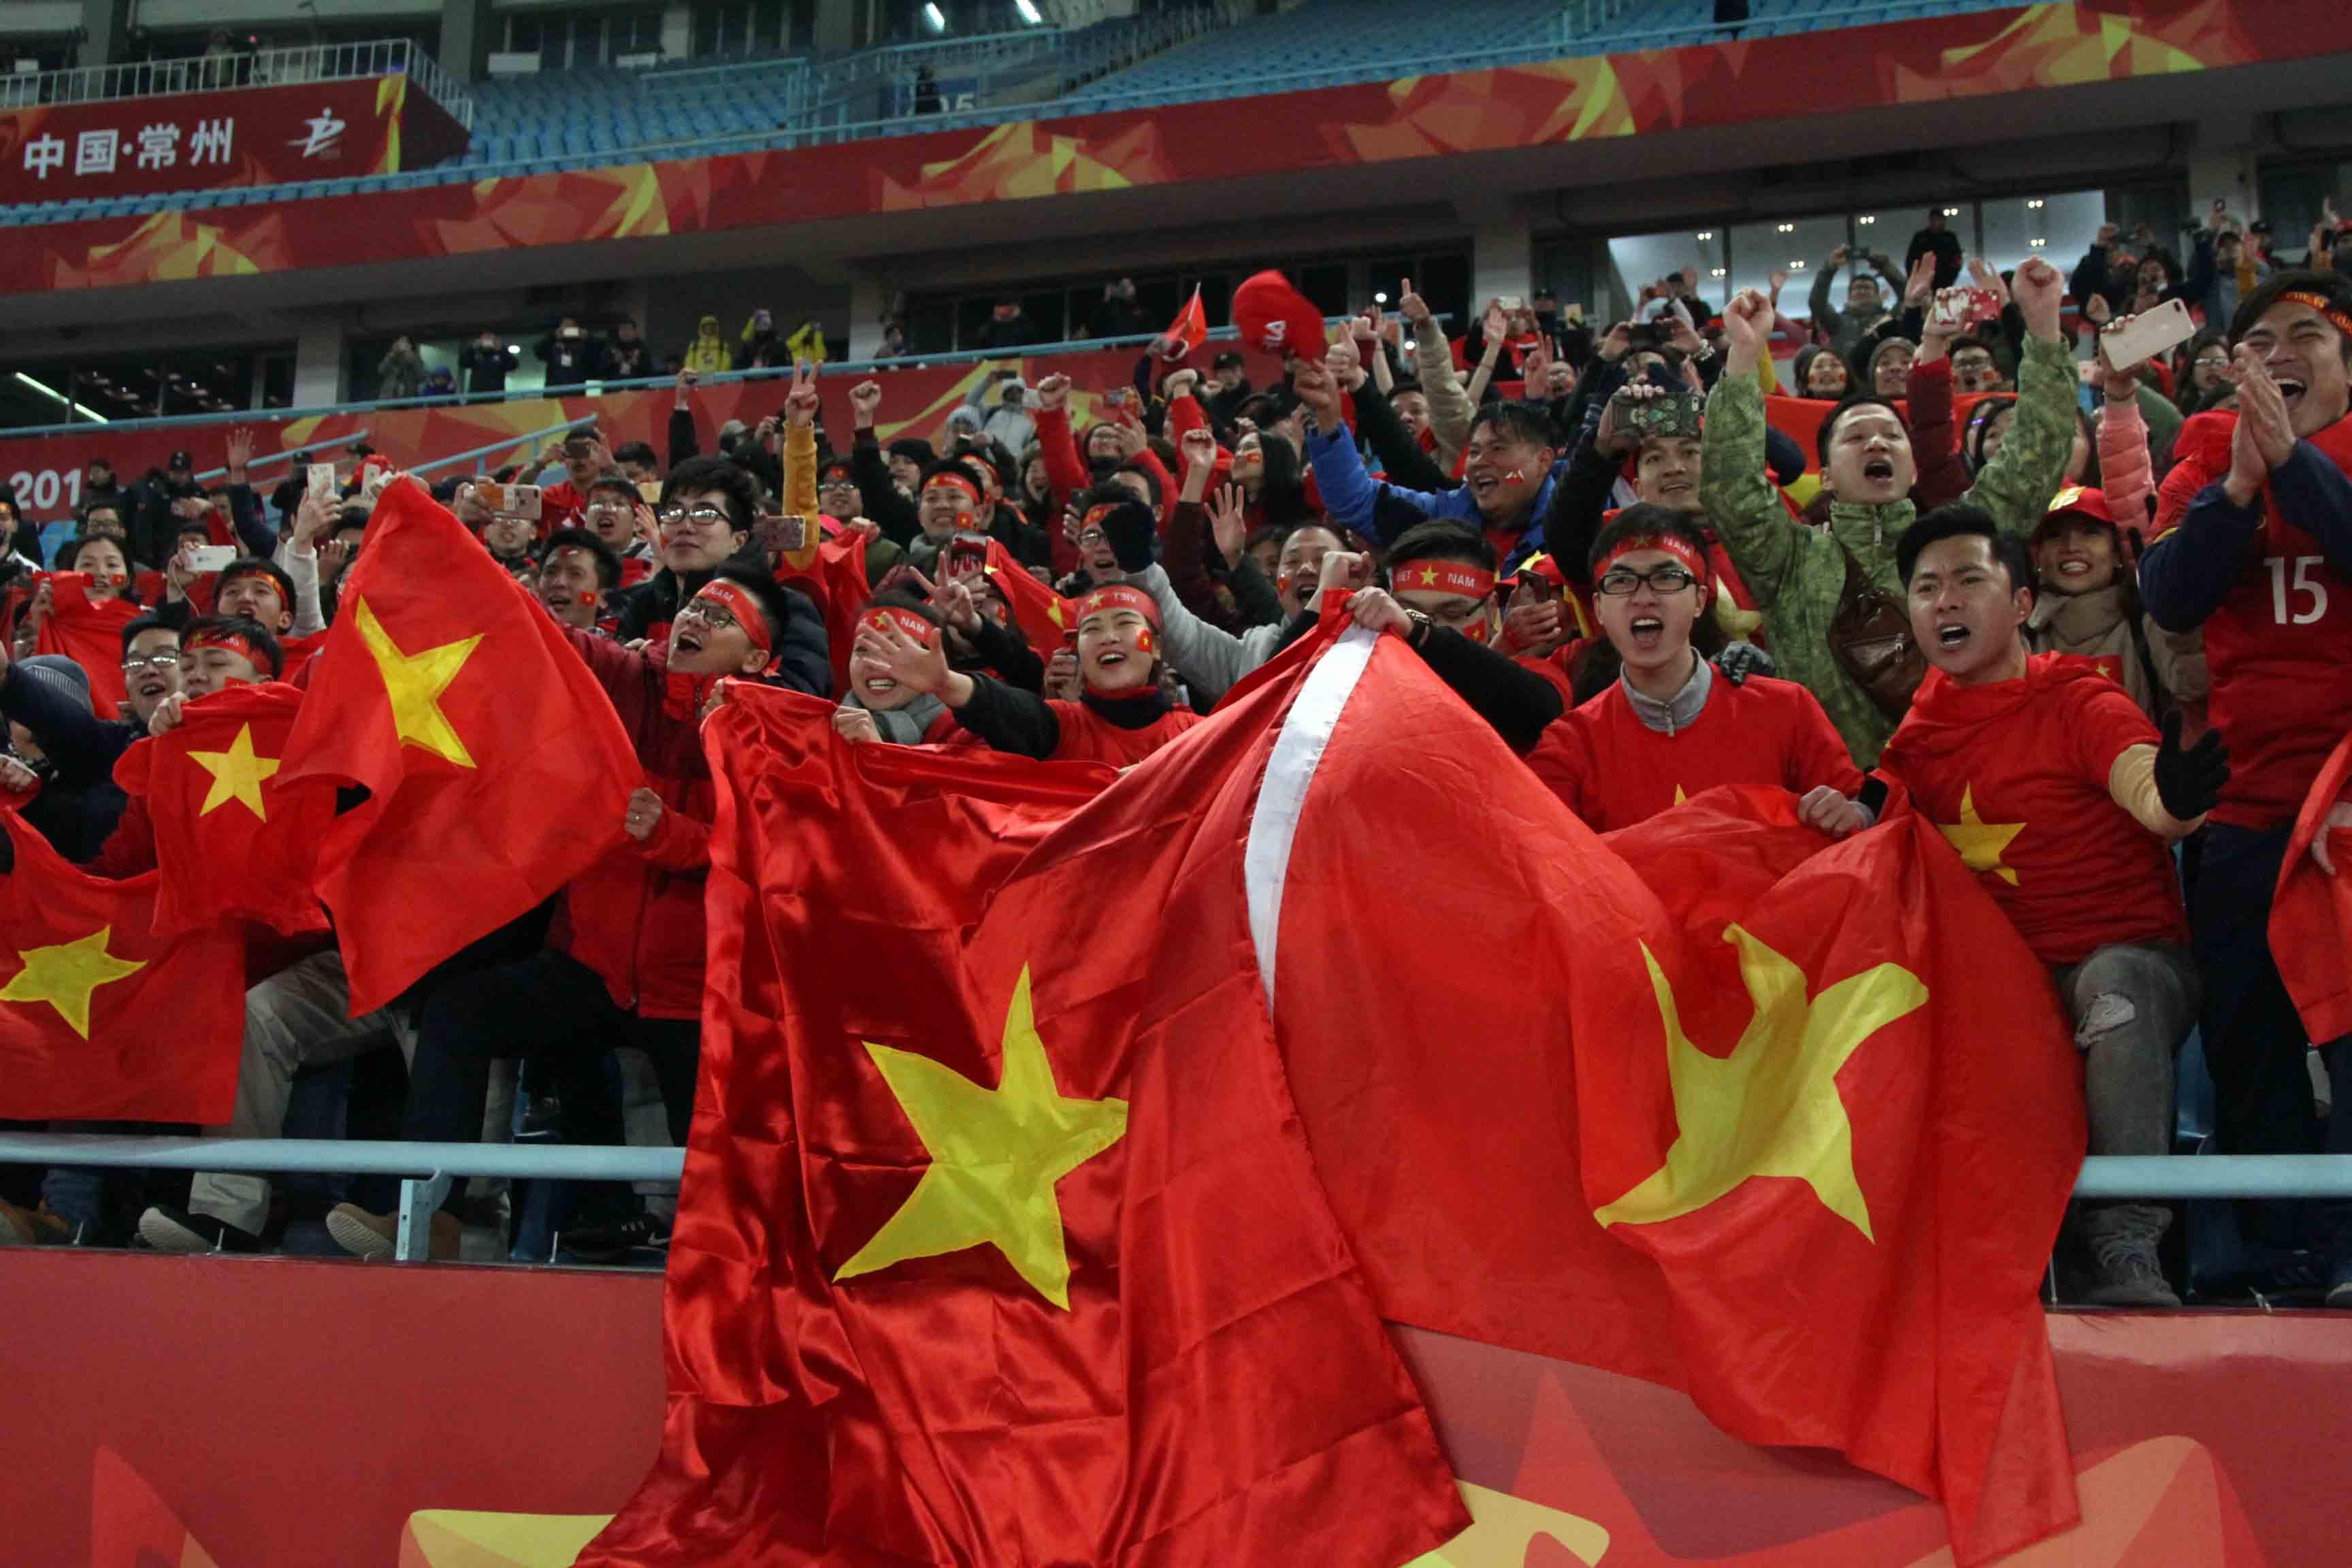 CĐV VN chờ đợi bóng đá VN cất cánh với những lãnh đạo có tâm, có tài Ảnh: N.K.